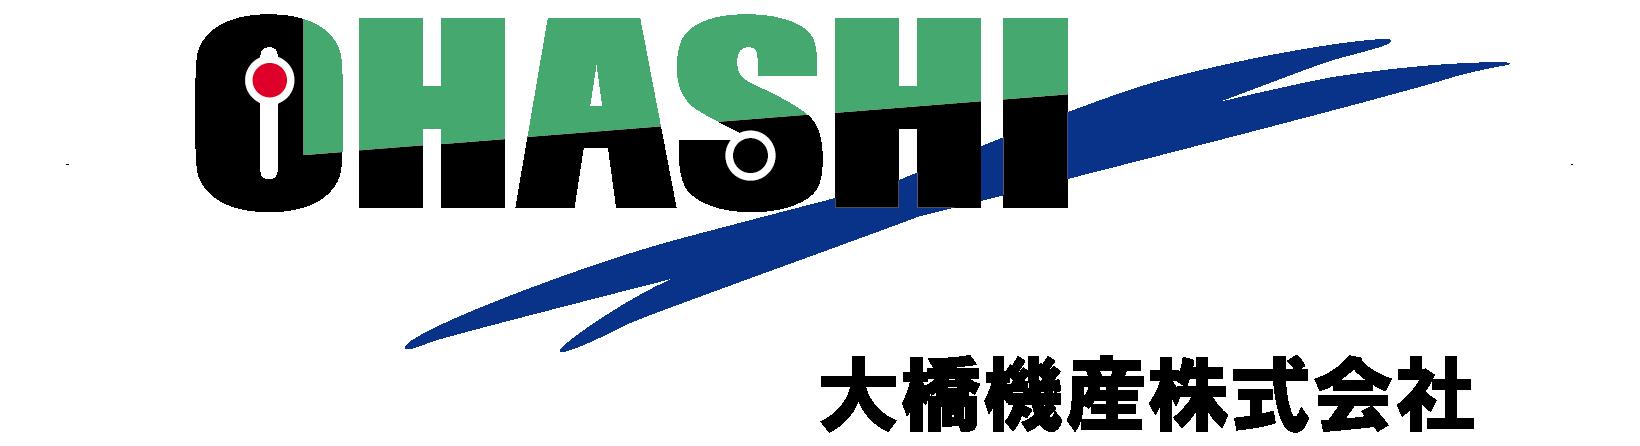 大橋機産株式会社